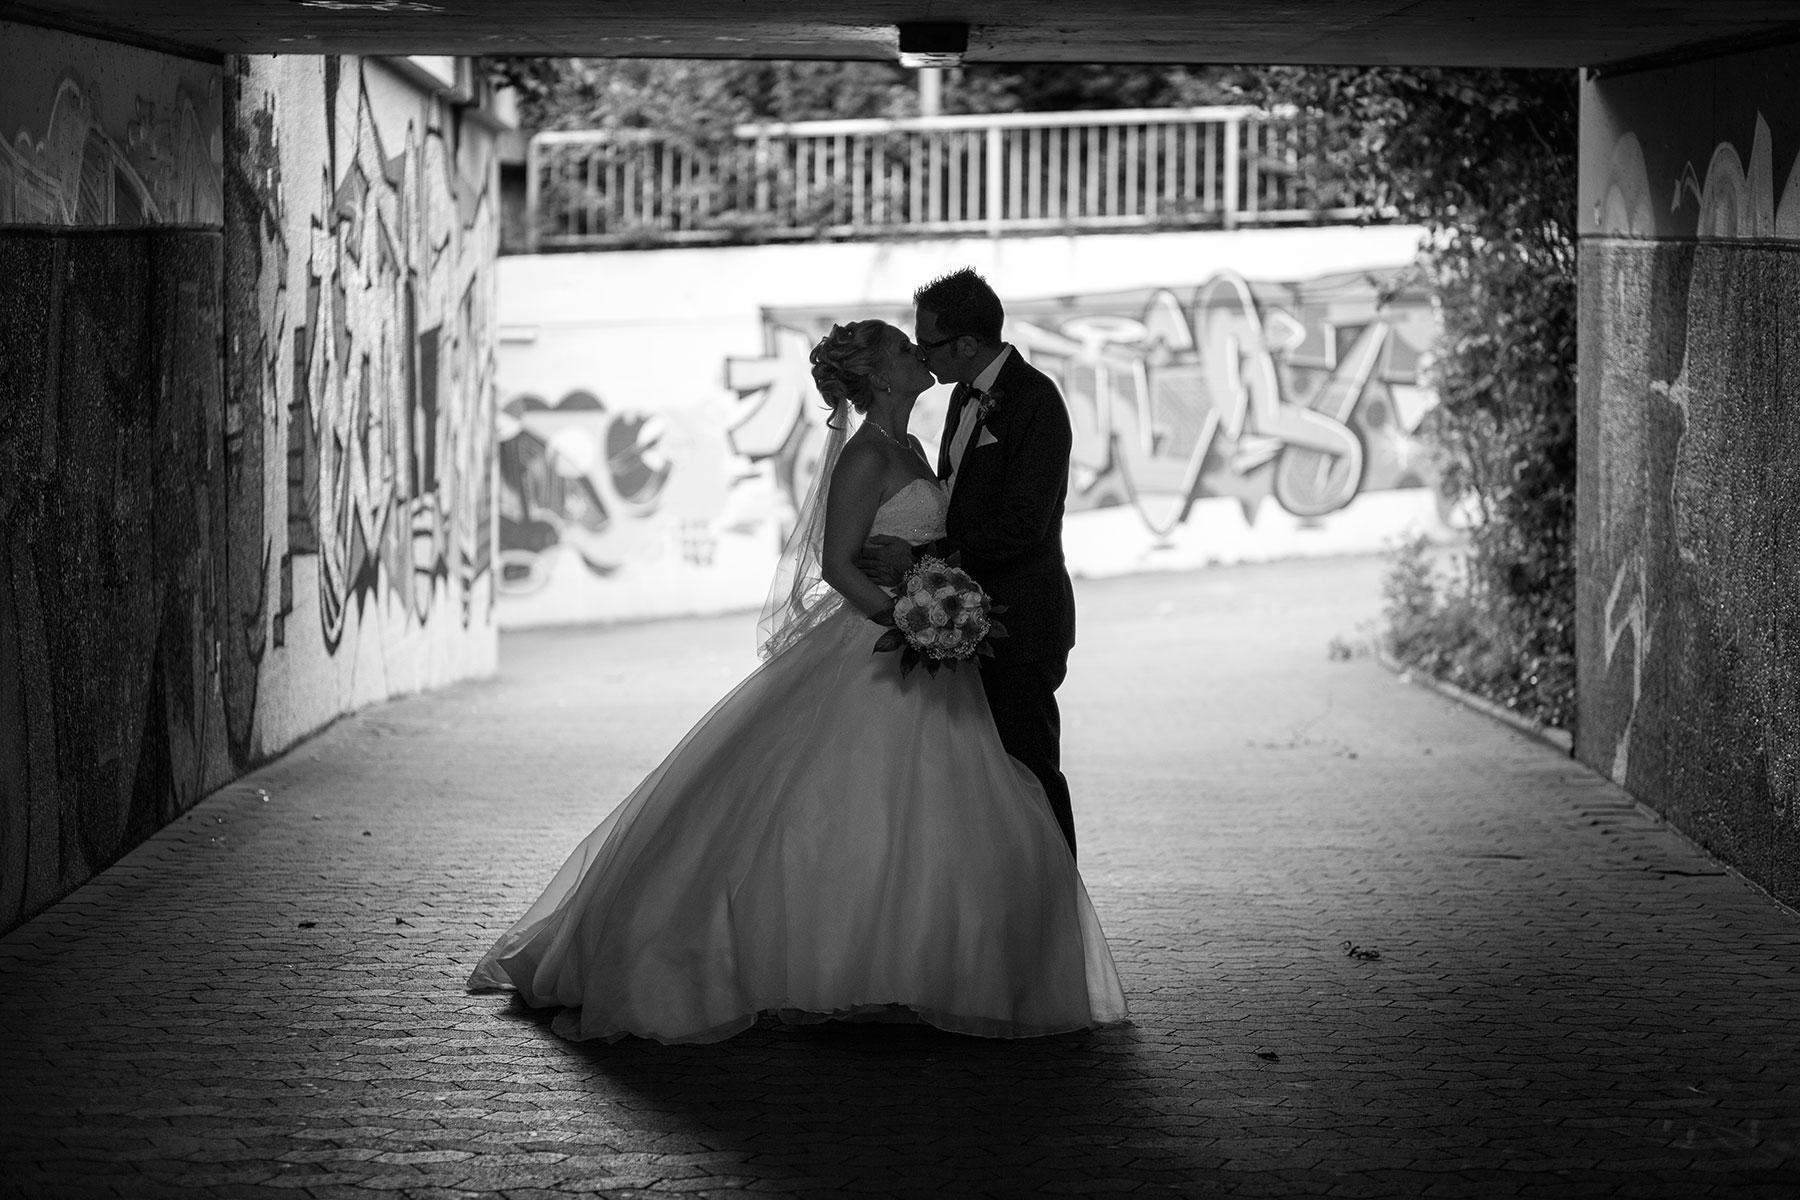 Schwarzweisses Hochzeitsfoto, Paar küsst sich unter einer Unterführung